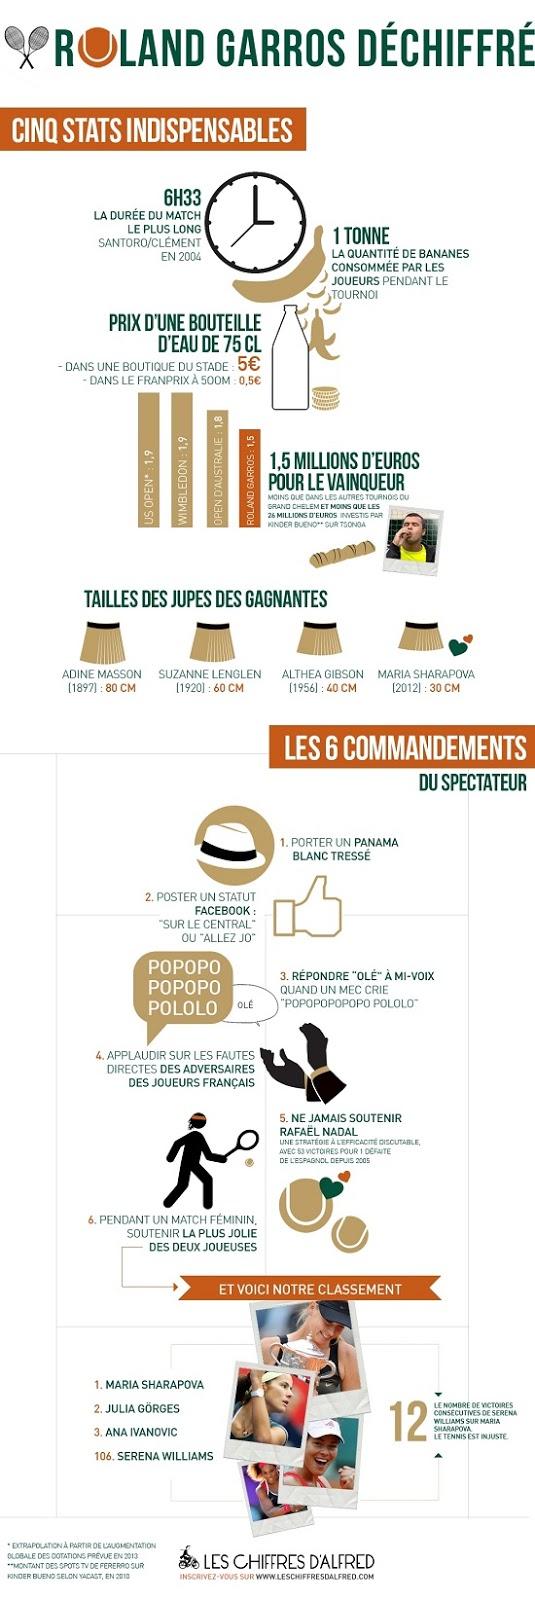 http://www.mercialfred.com/media-data/657/chiffre_infographie_657.jpg